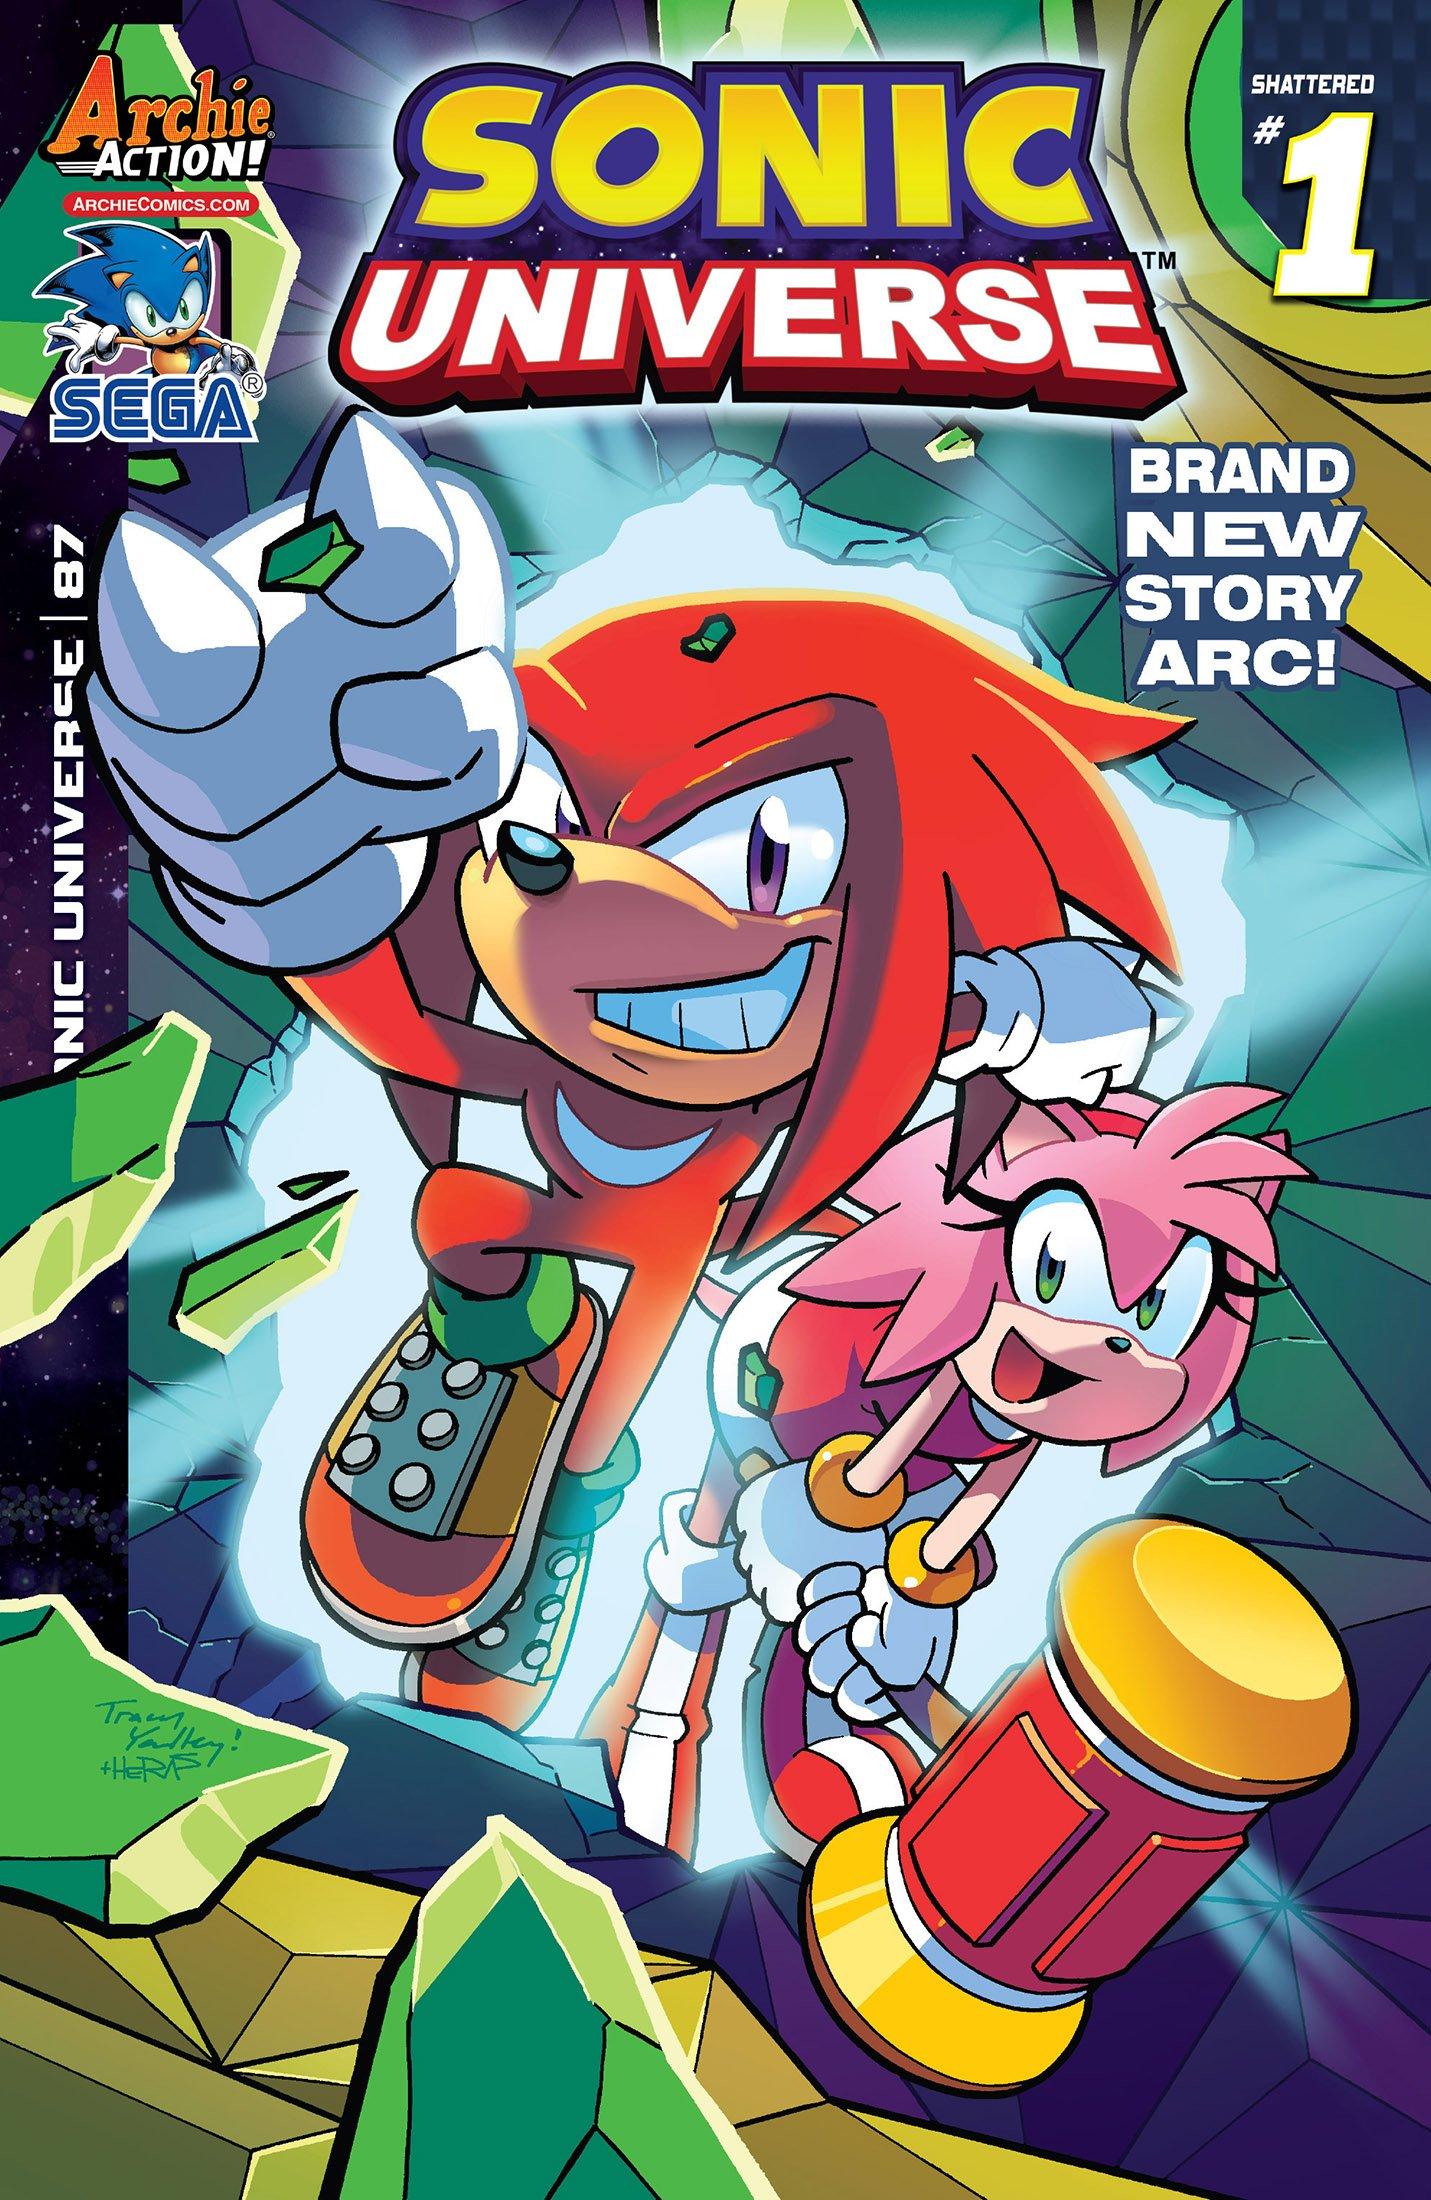 Sonic Universe 087 (September 2016)